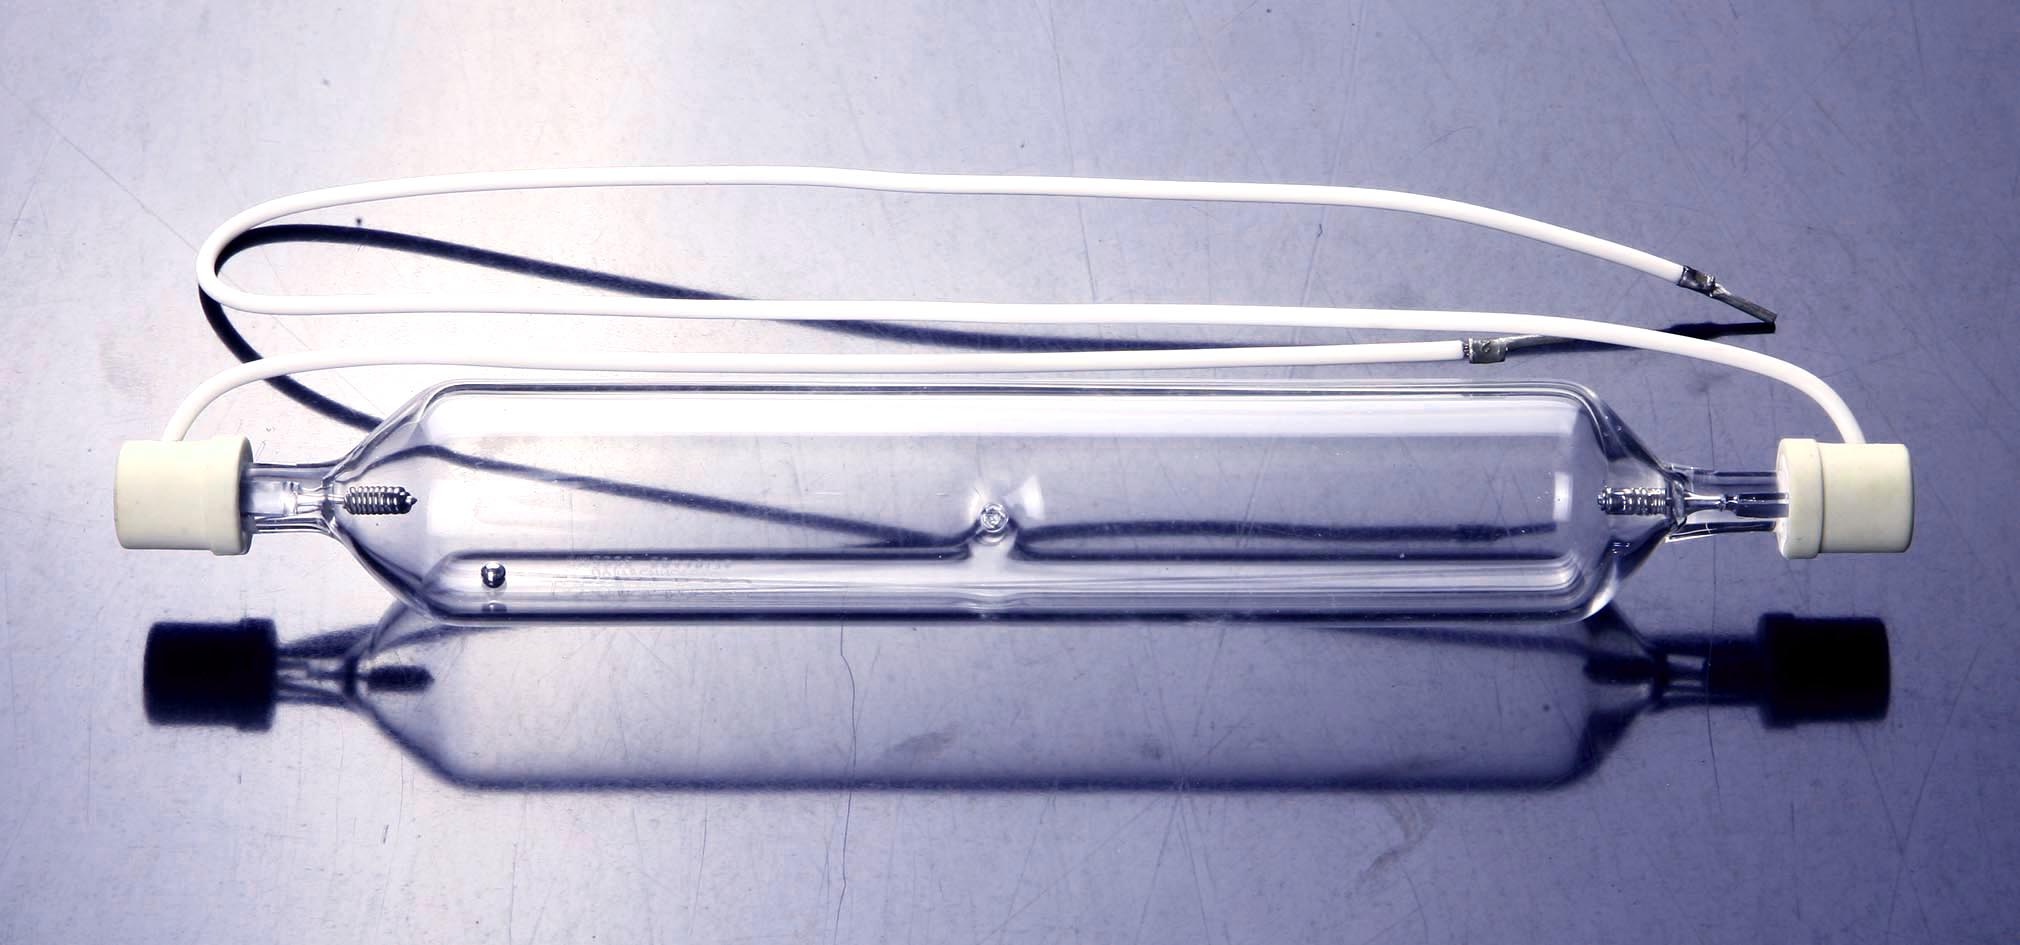 射灯罩,uv触发器